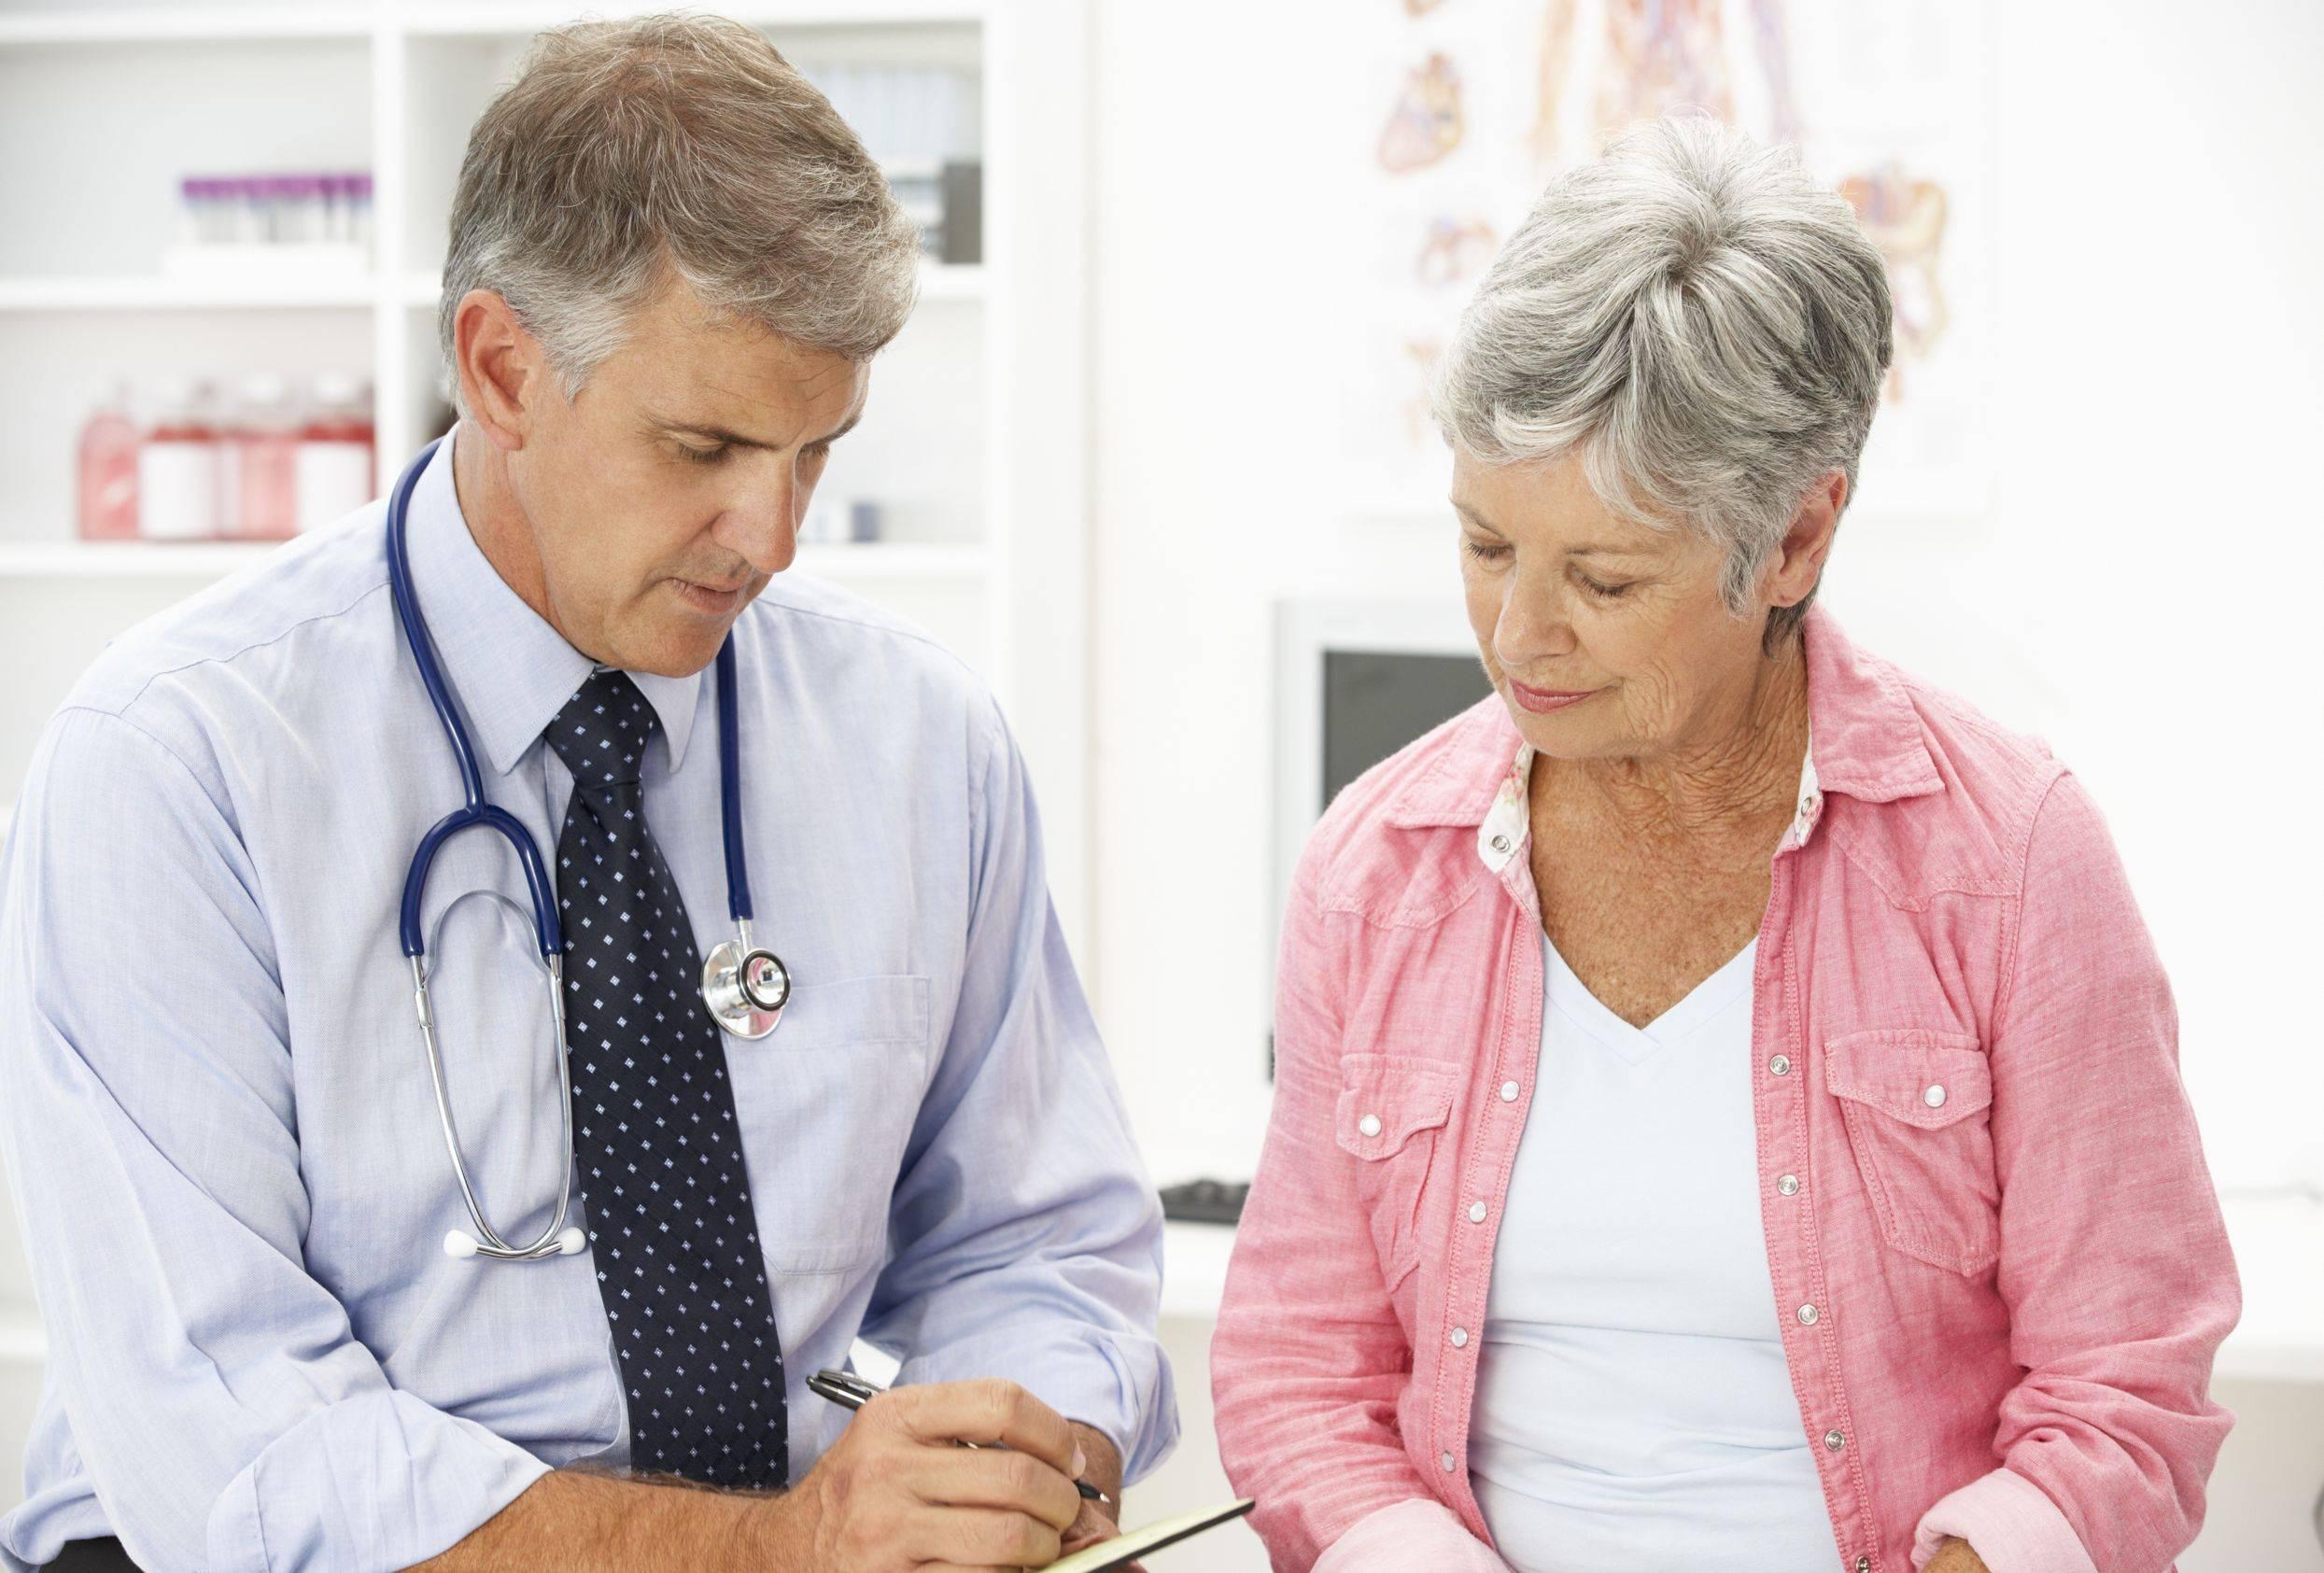 يذهب المرضى الذين يعانون من اضطرابات النوم لرؤية الطبيب